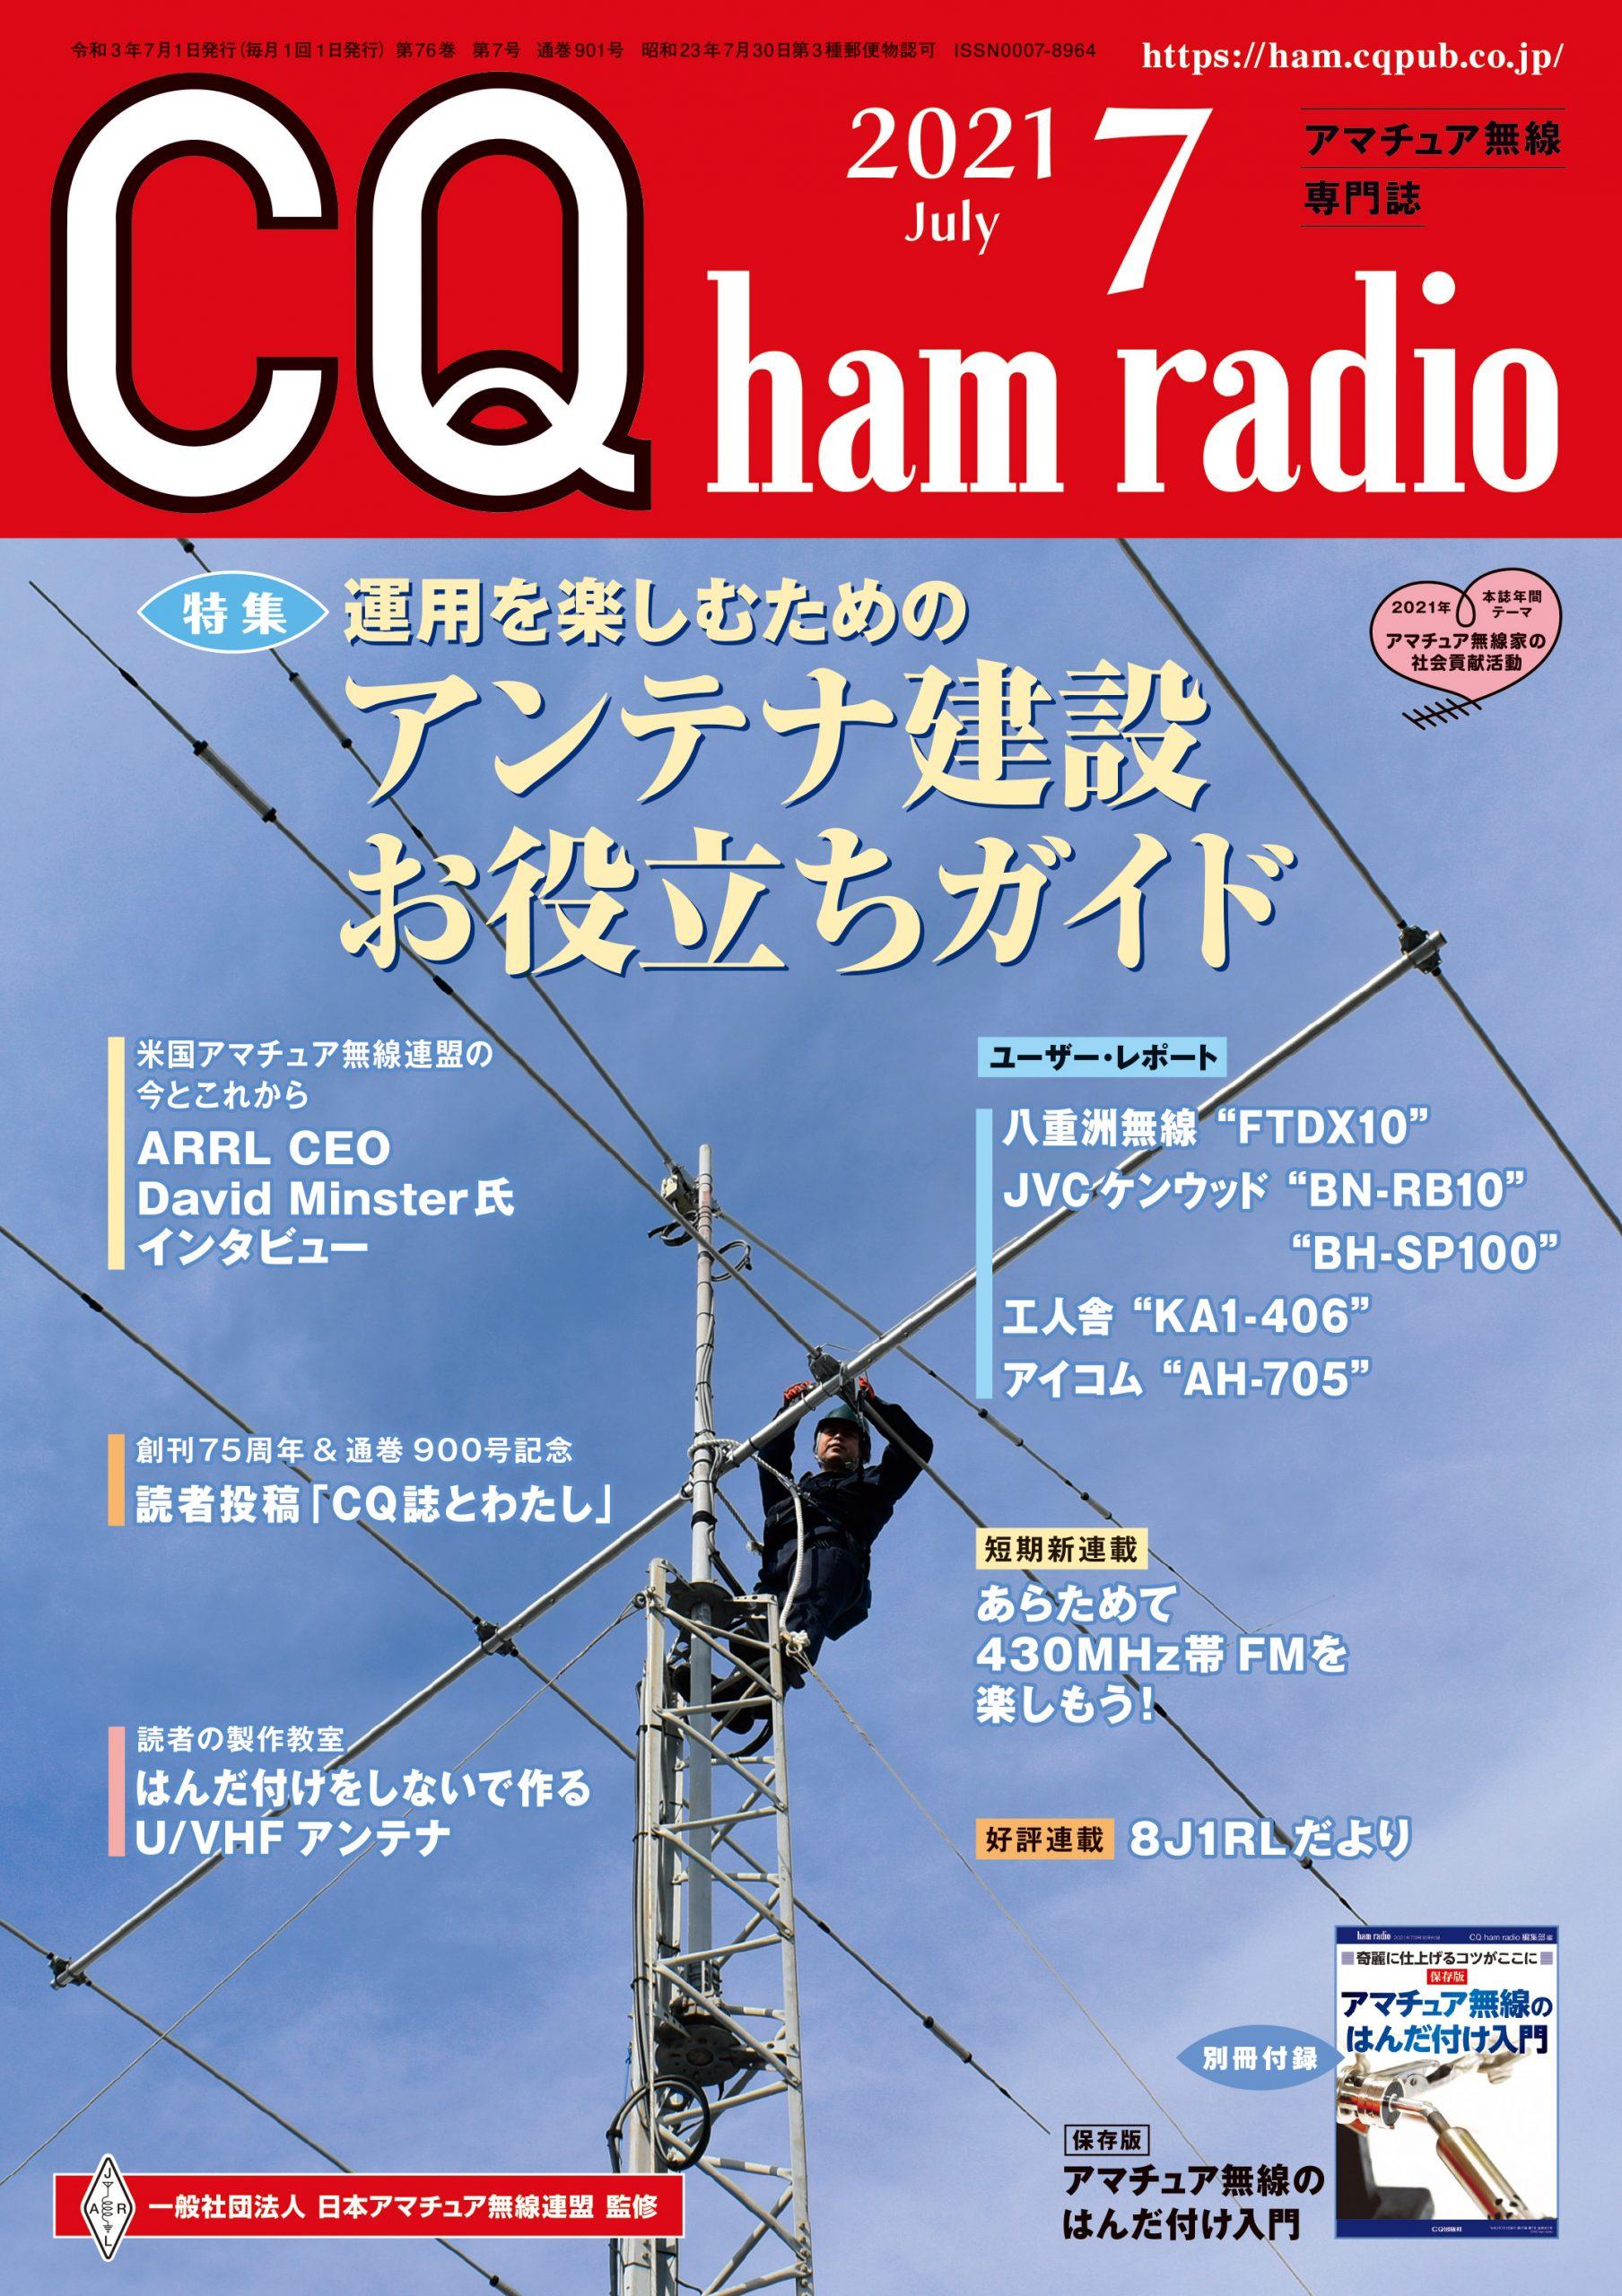 CQ ham radio 2021年 7月号